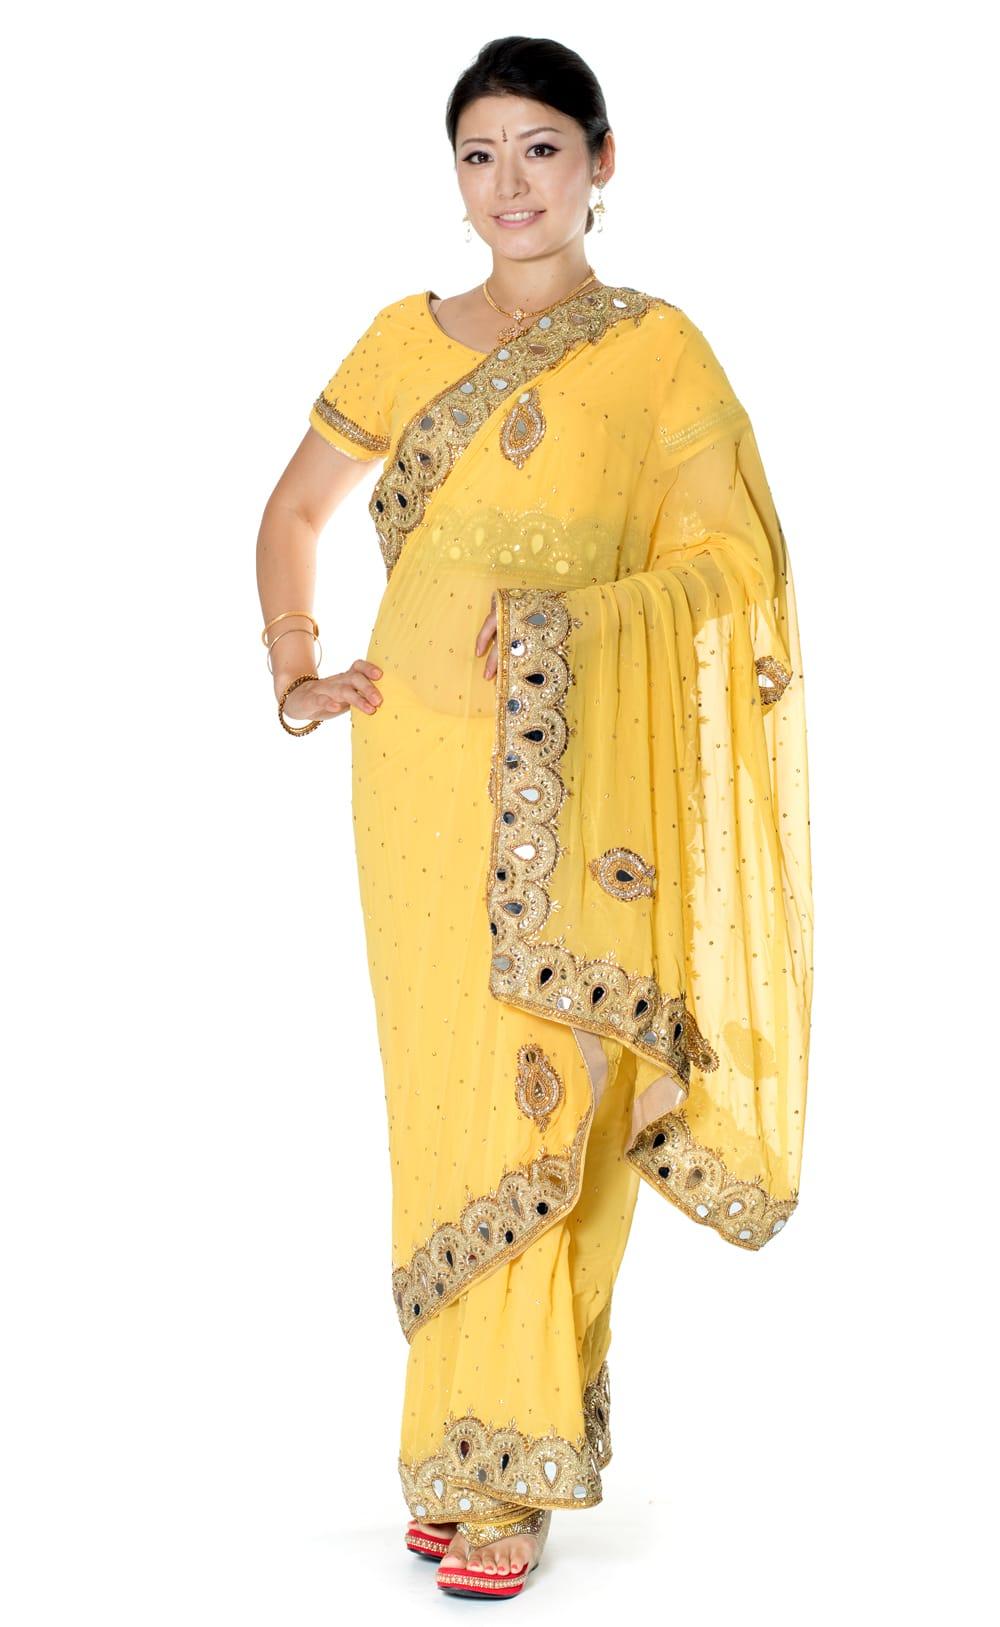 【一点物】ミラーワークと刺繍の婚礼用ゴージャス ジョーゼットサリー【チョリ付き】 - 黄色の写真